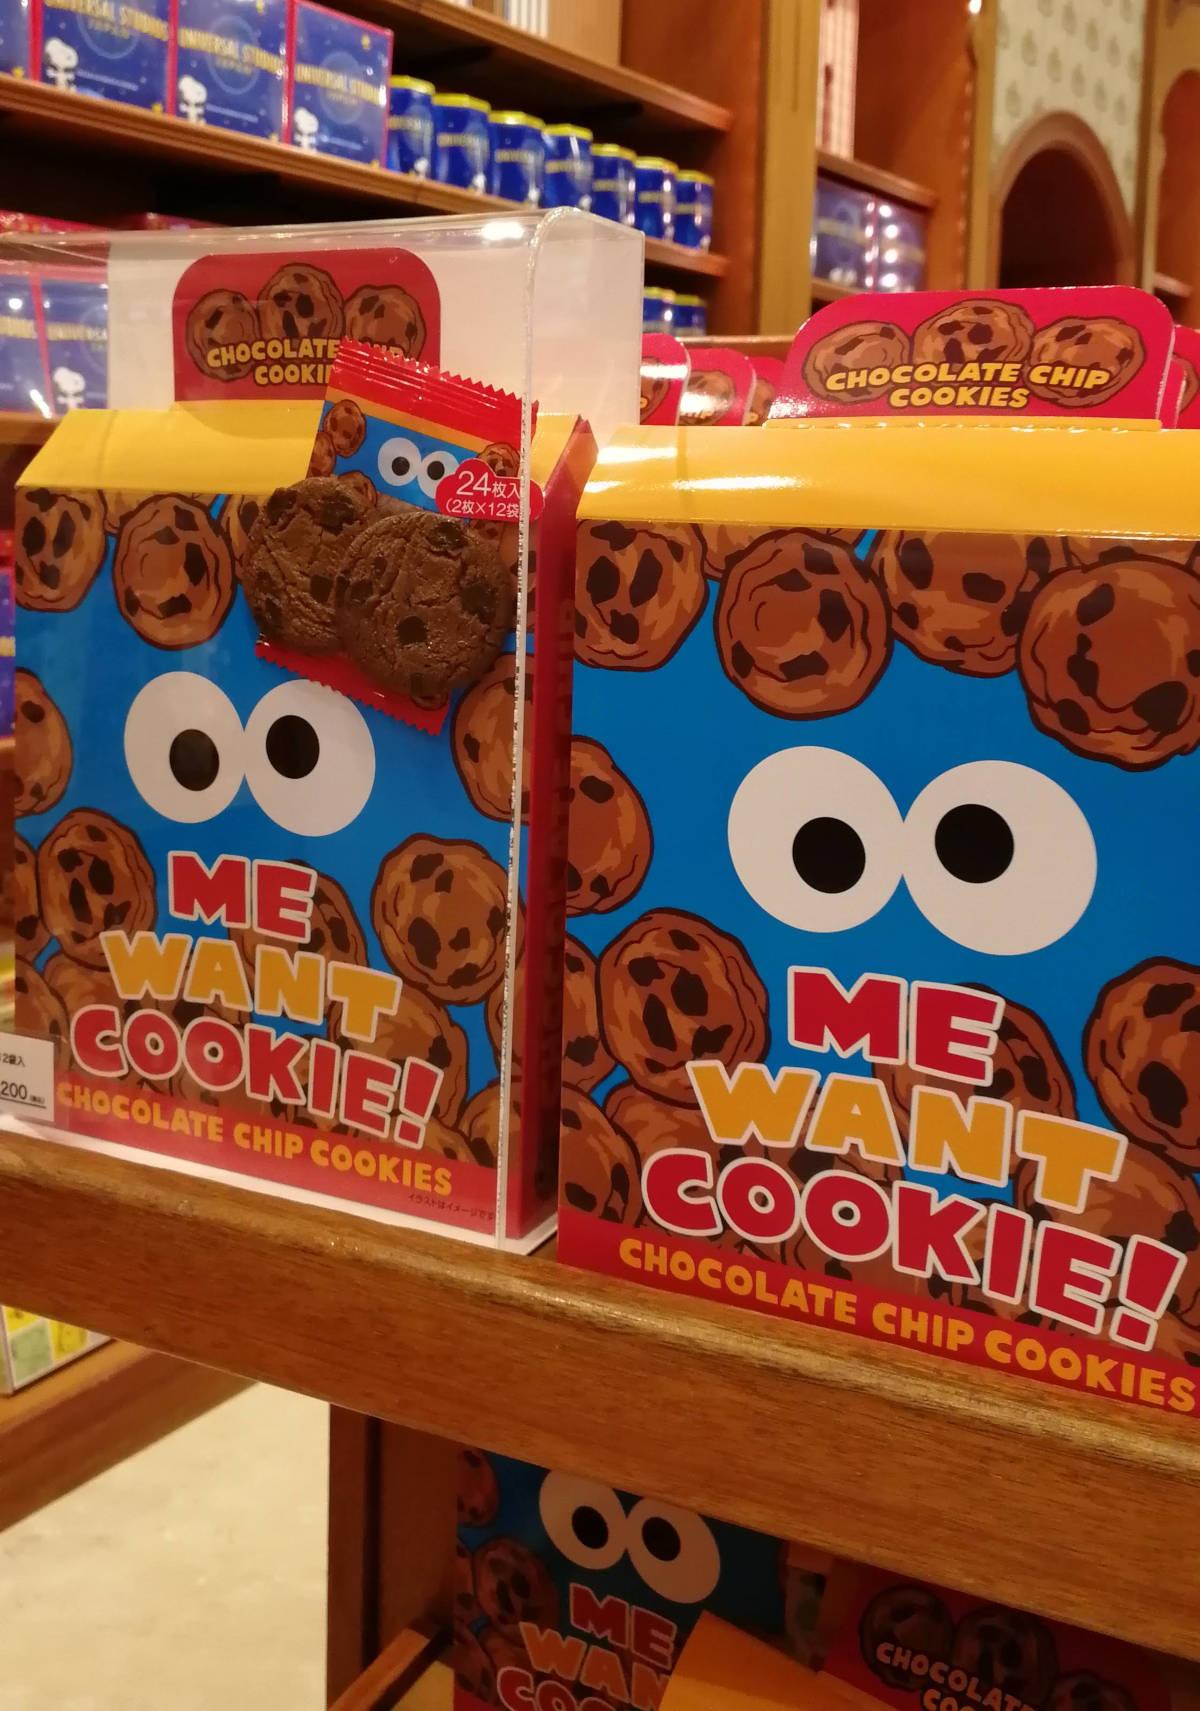 クッキーモンスターのチョコチップクッキー